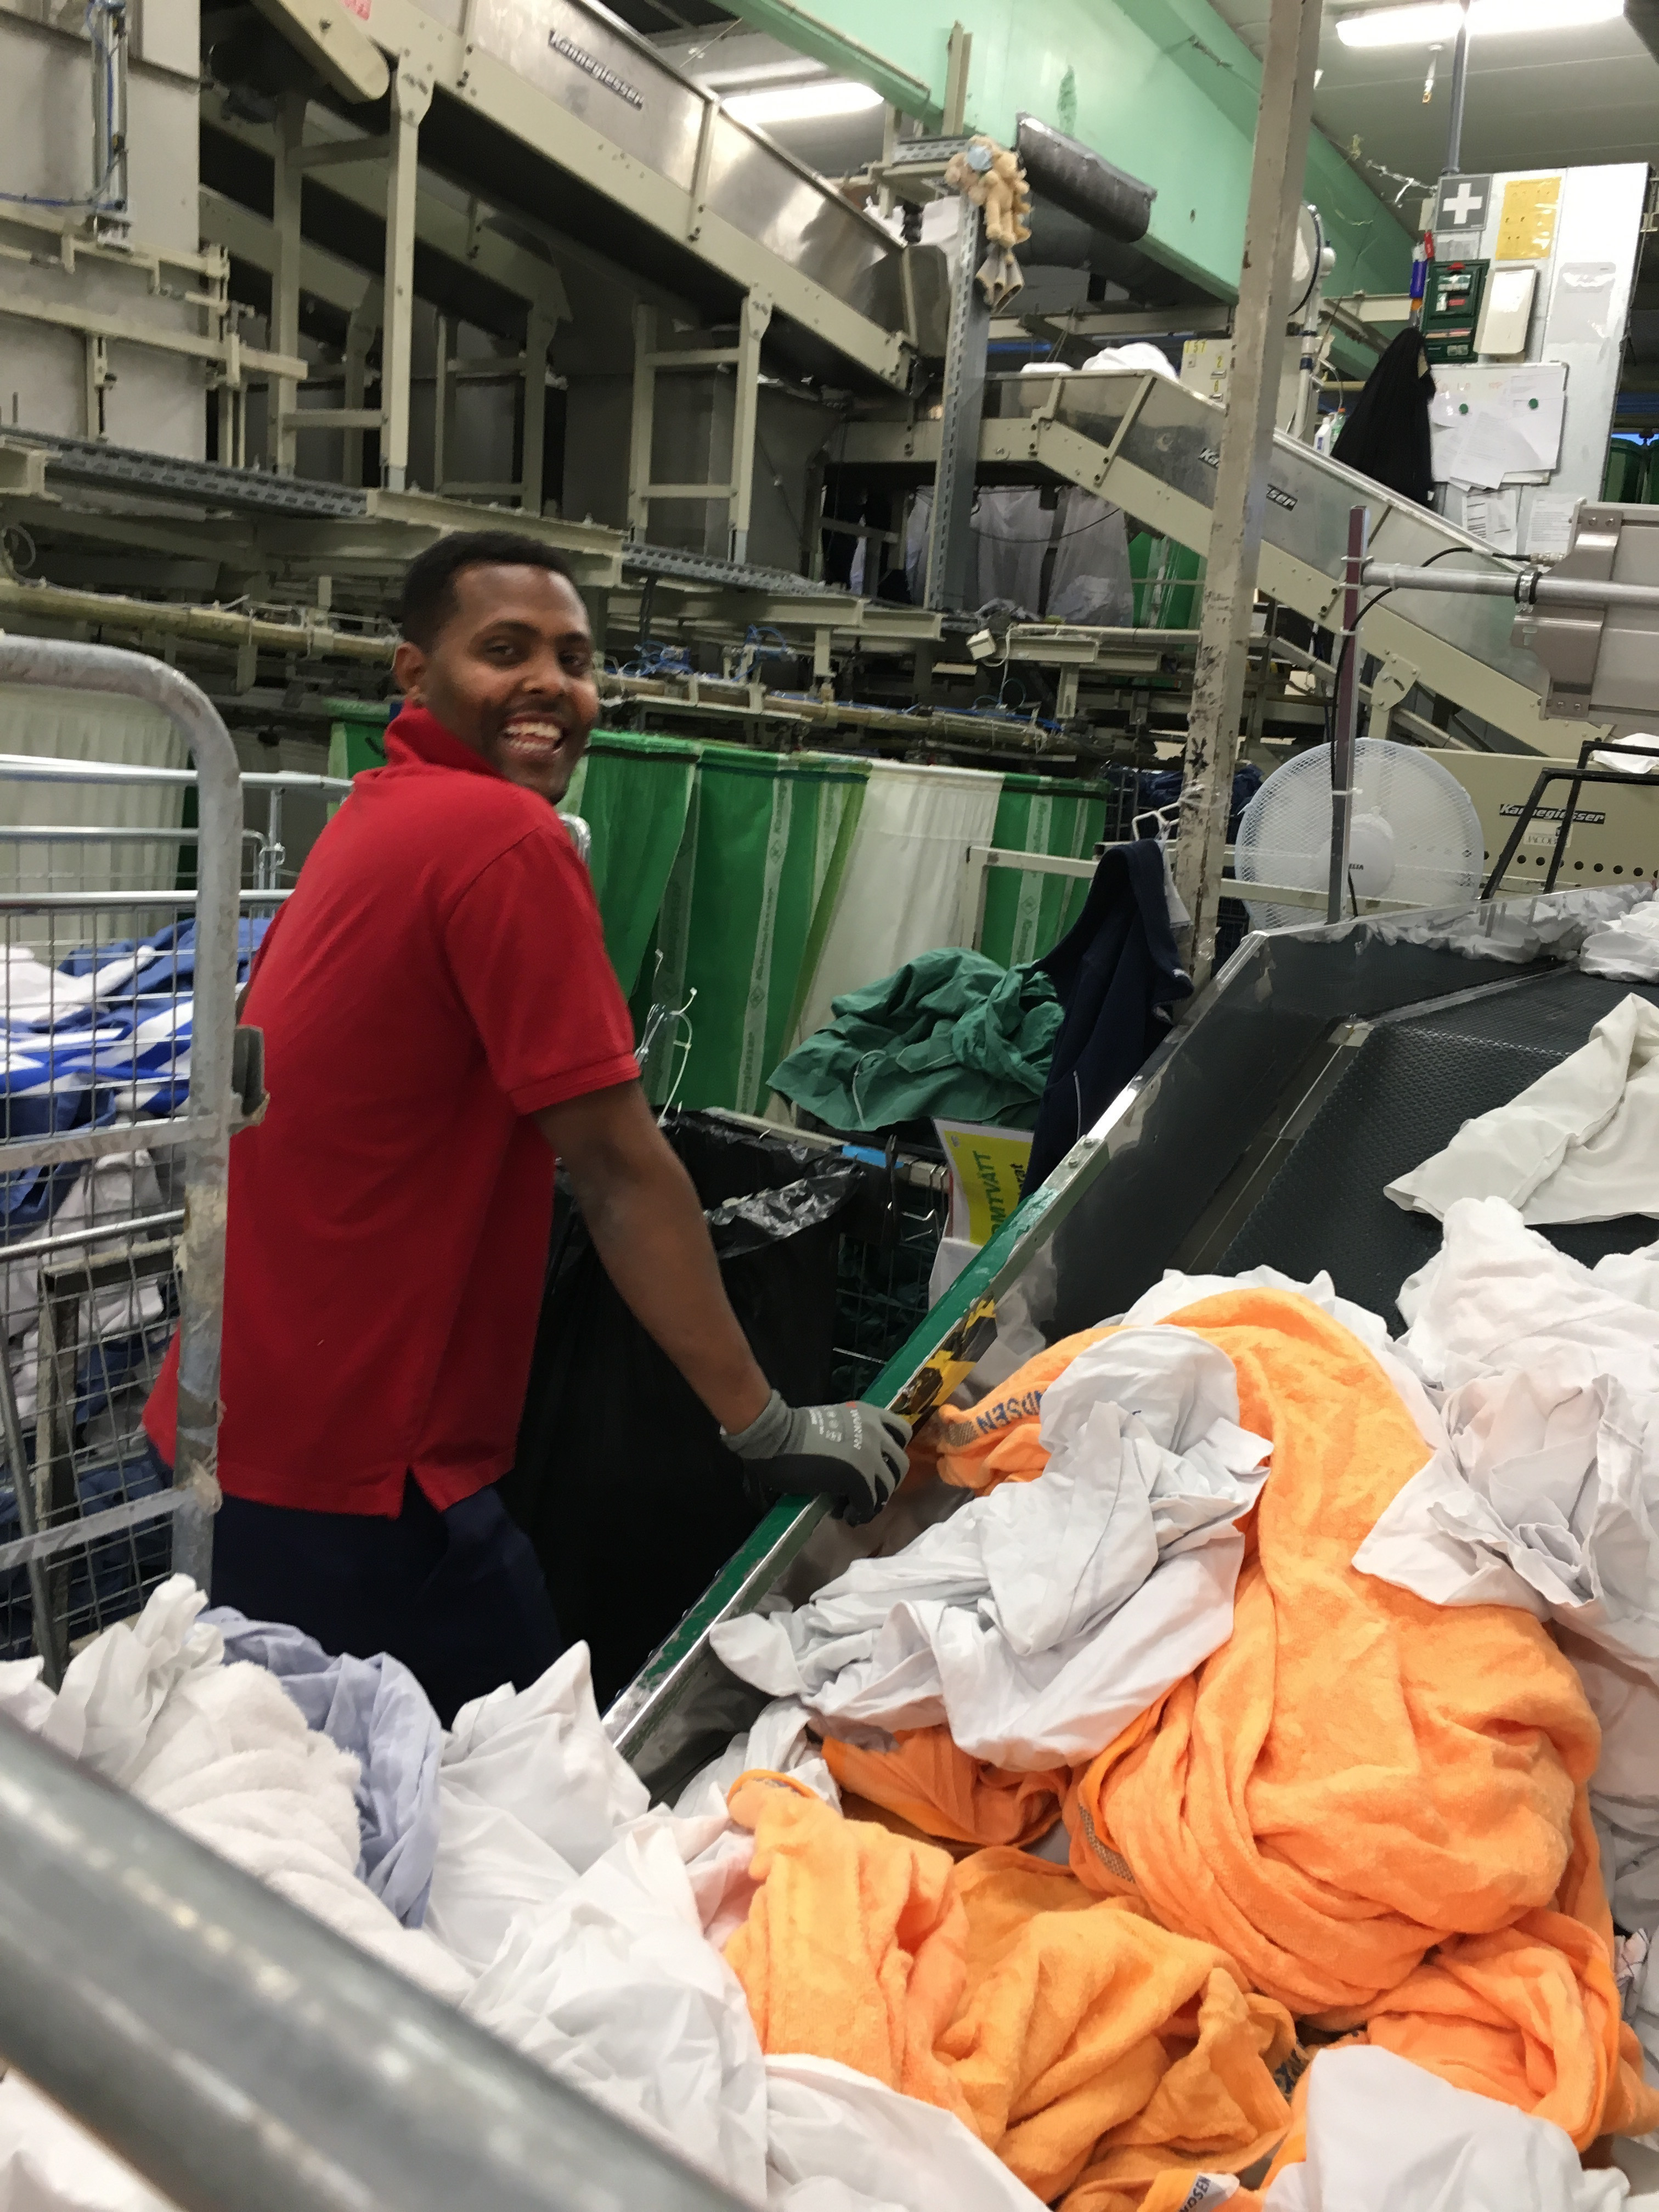 Inmatning av tvätt i process line